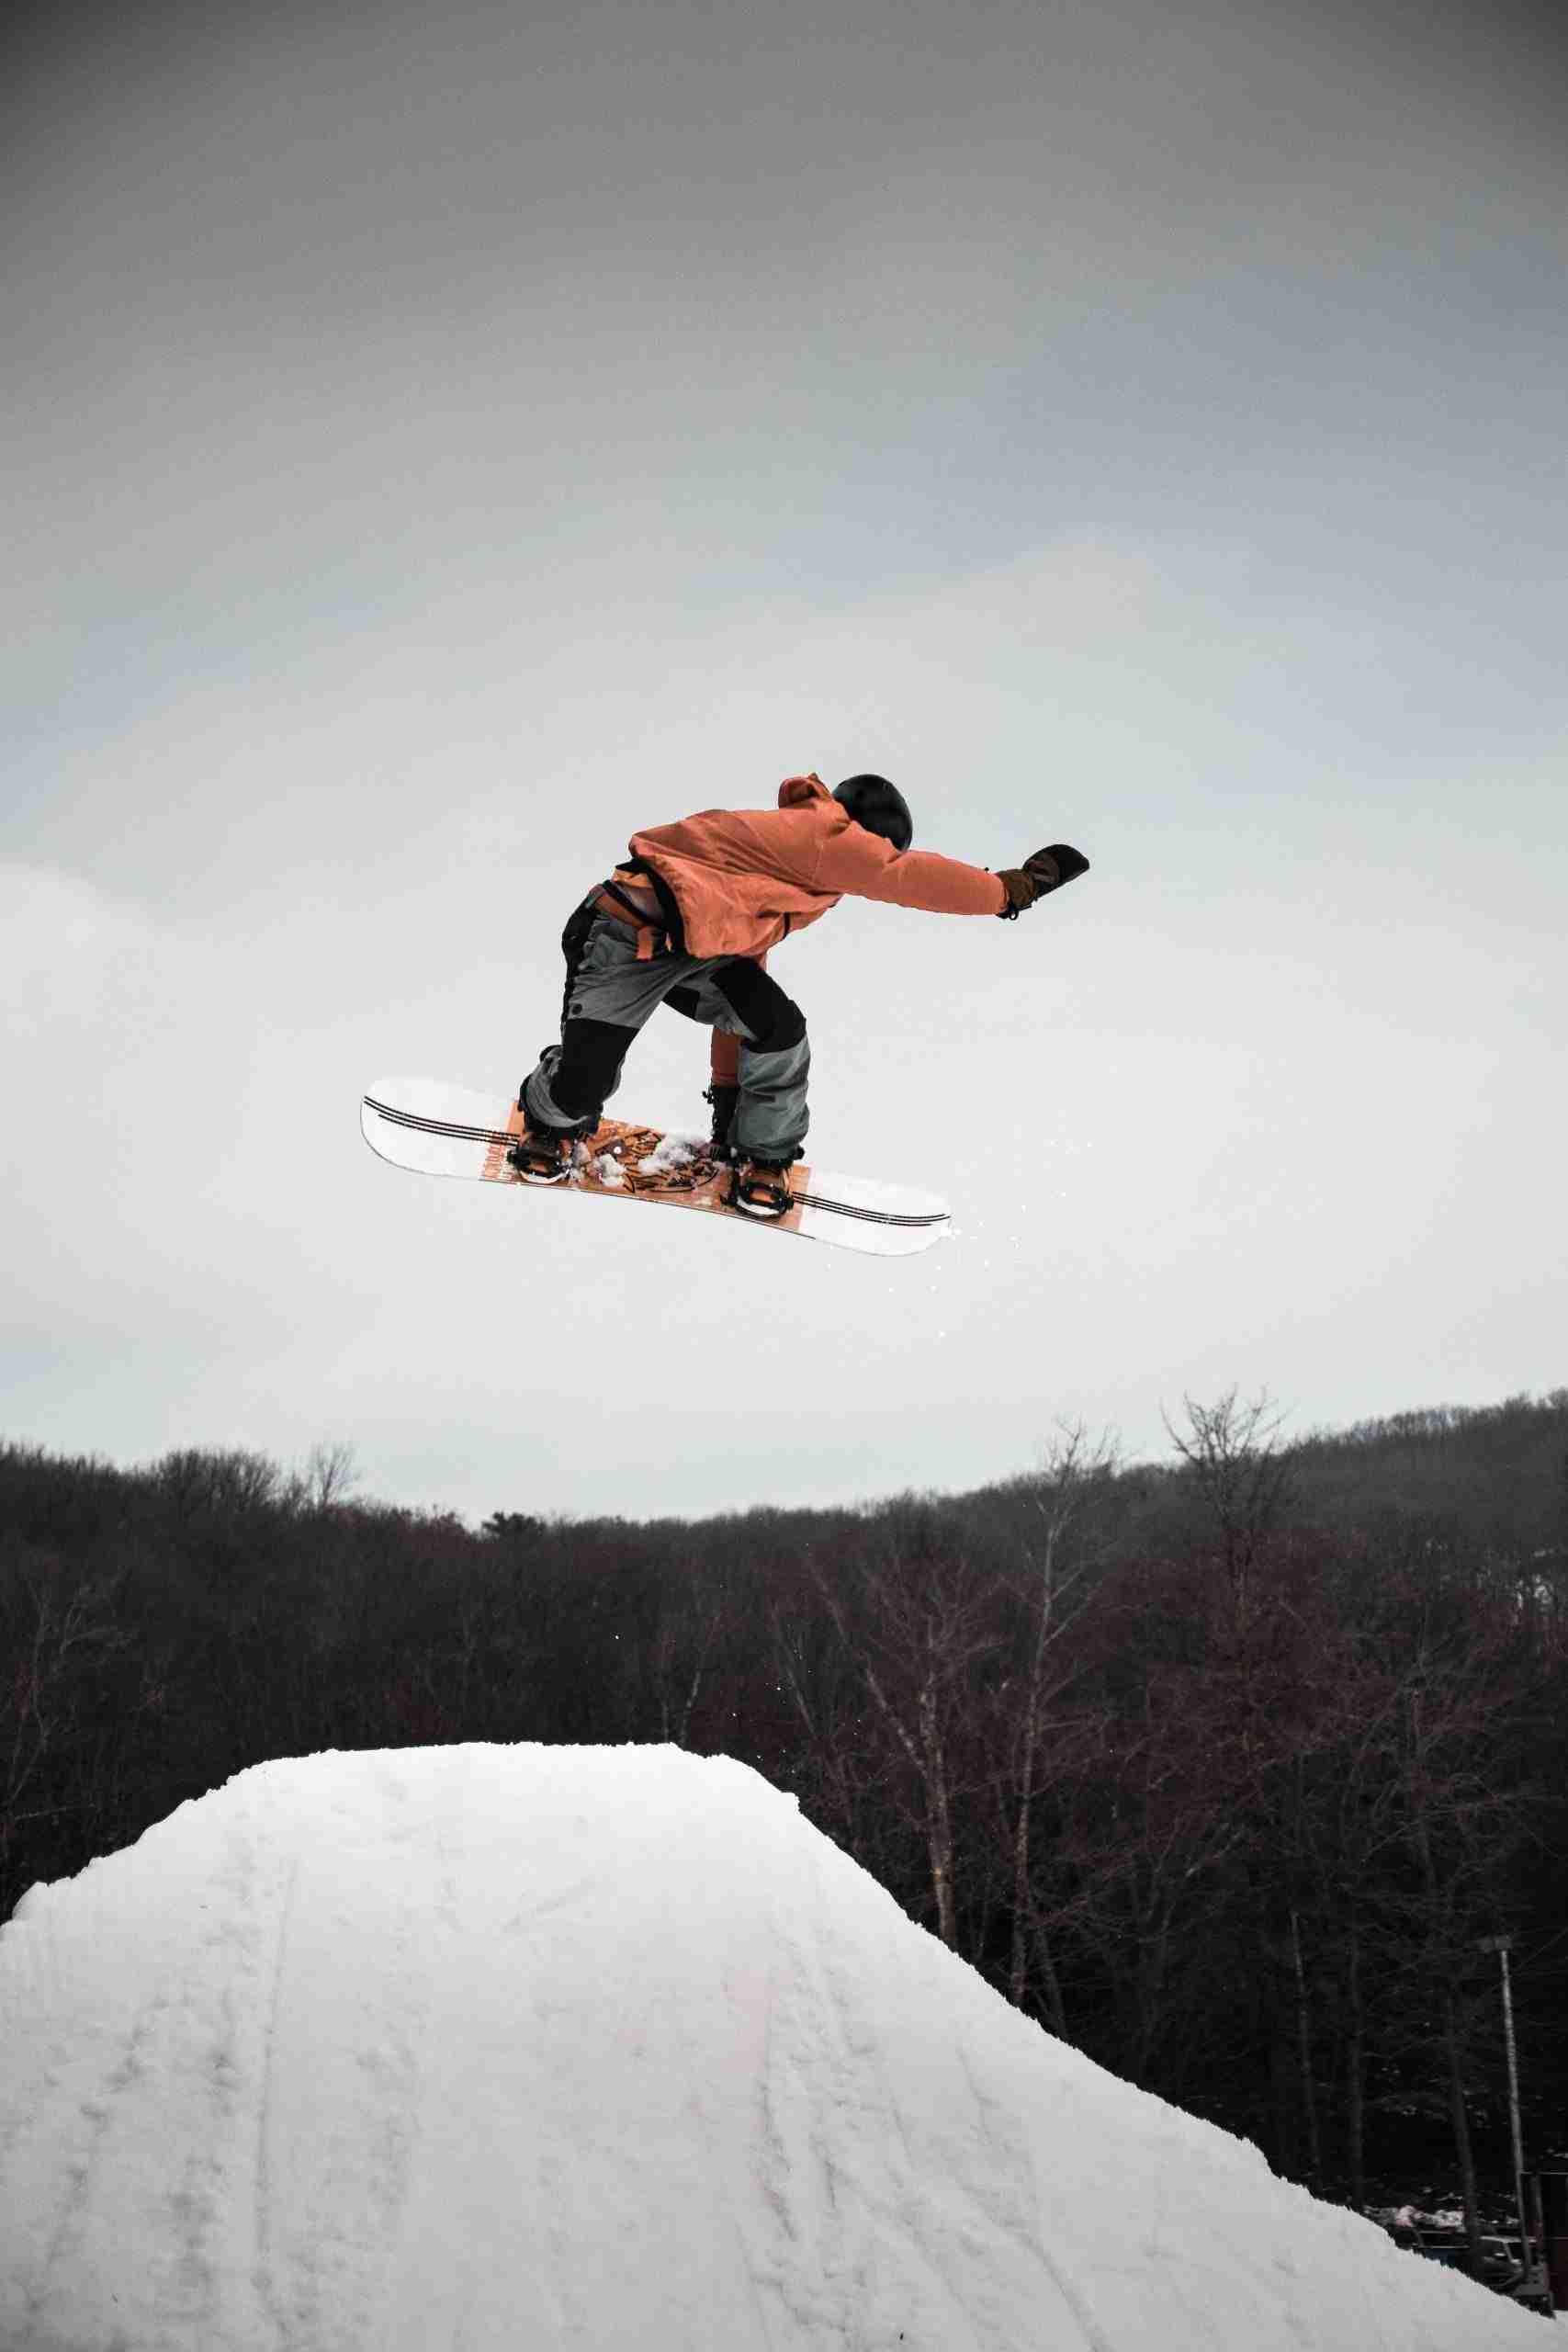 snowboarder flip winter downhill scene kelowna